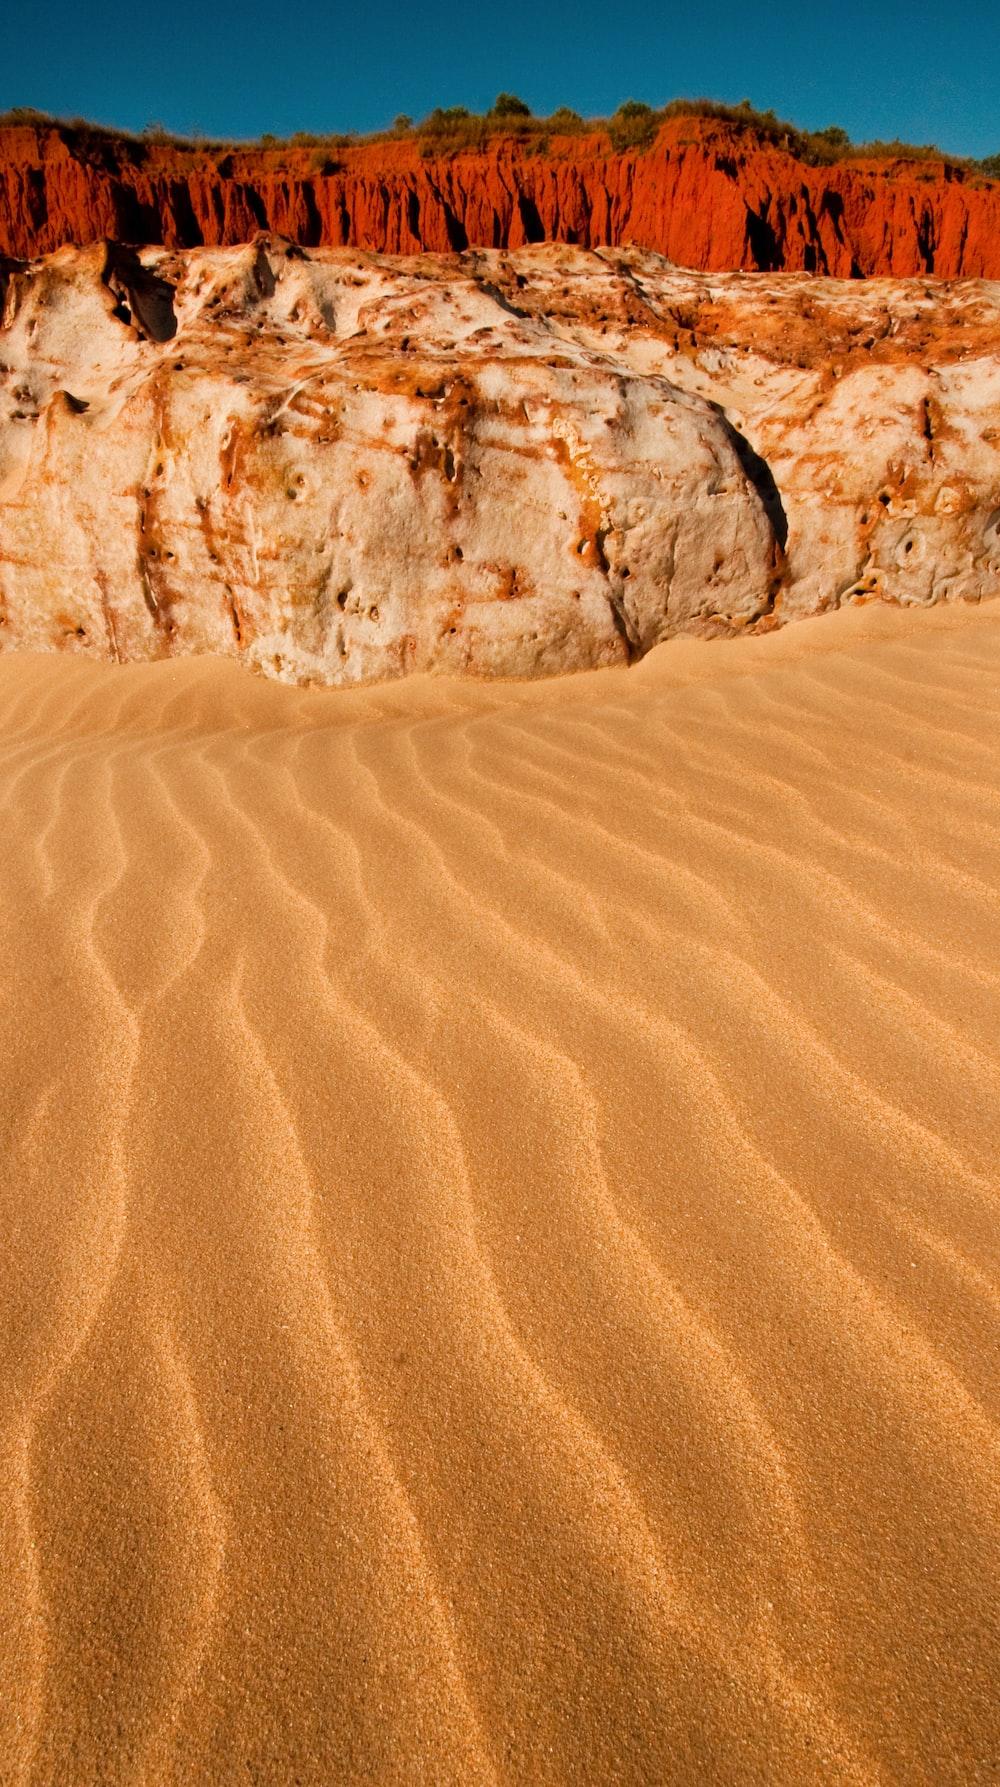 landscape photo of desert